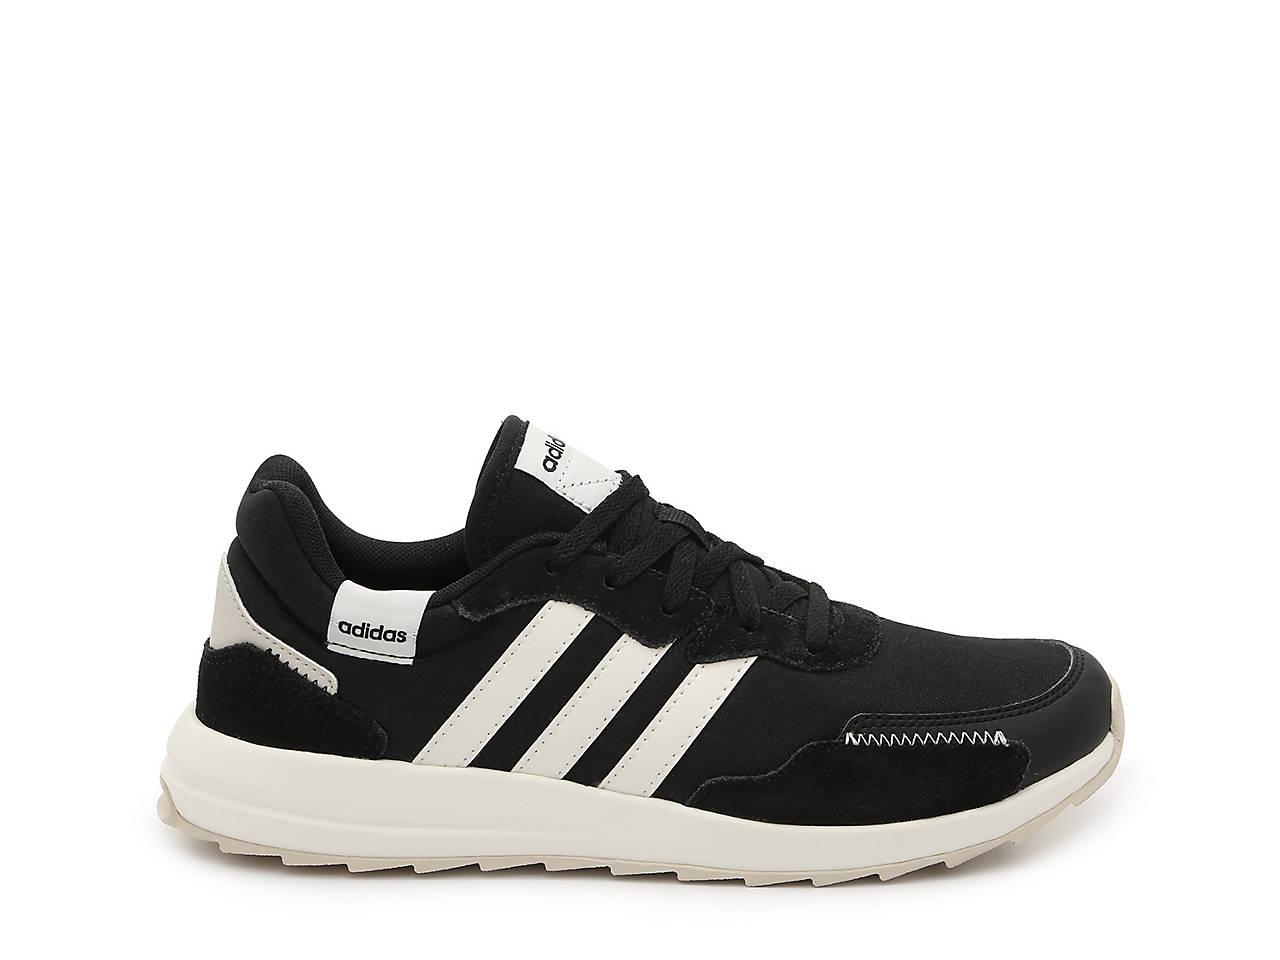 brillantezza del colore il più votato reale adatto a uomini/donne adidas Retro Run X Sneaker - Women's Women's Shoes | DSW